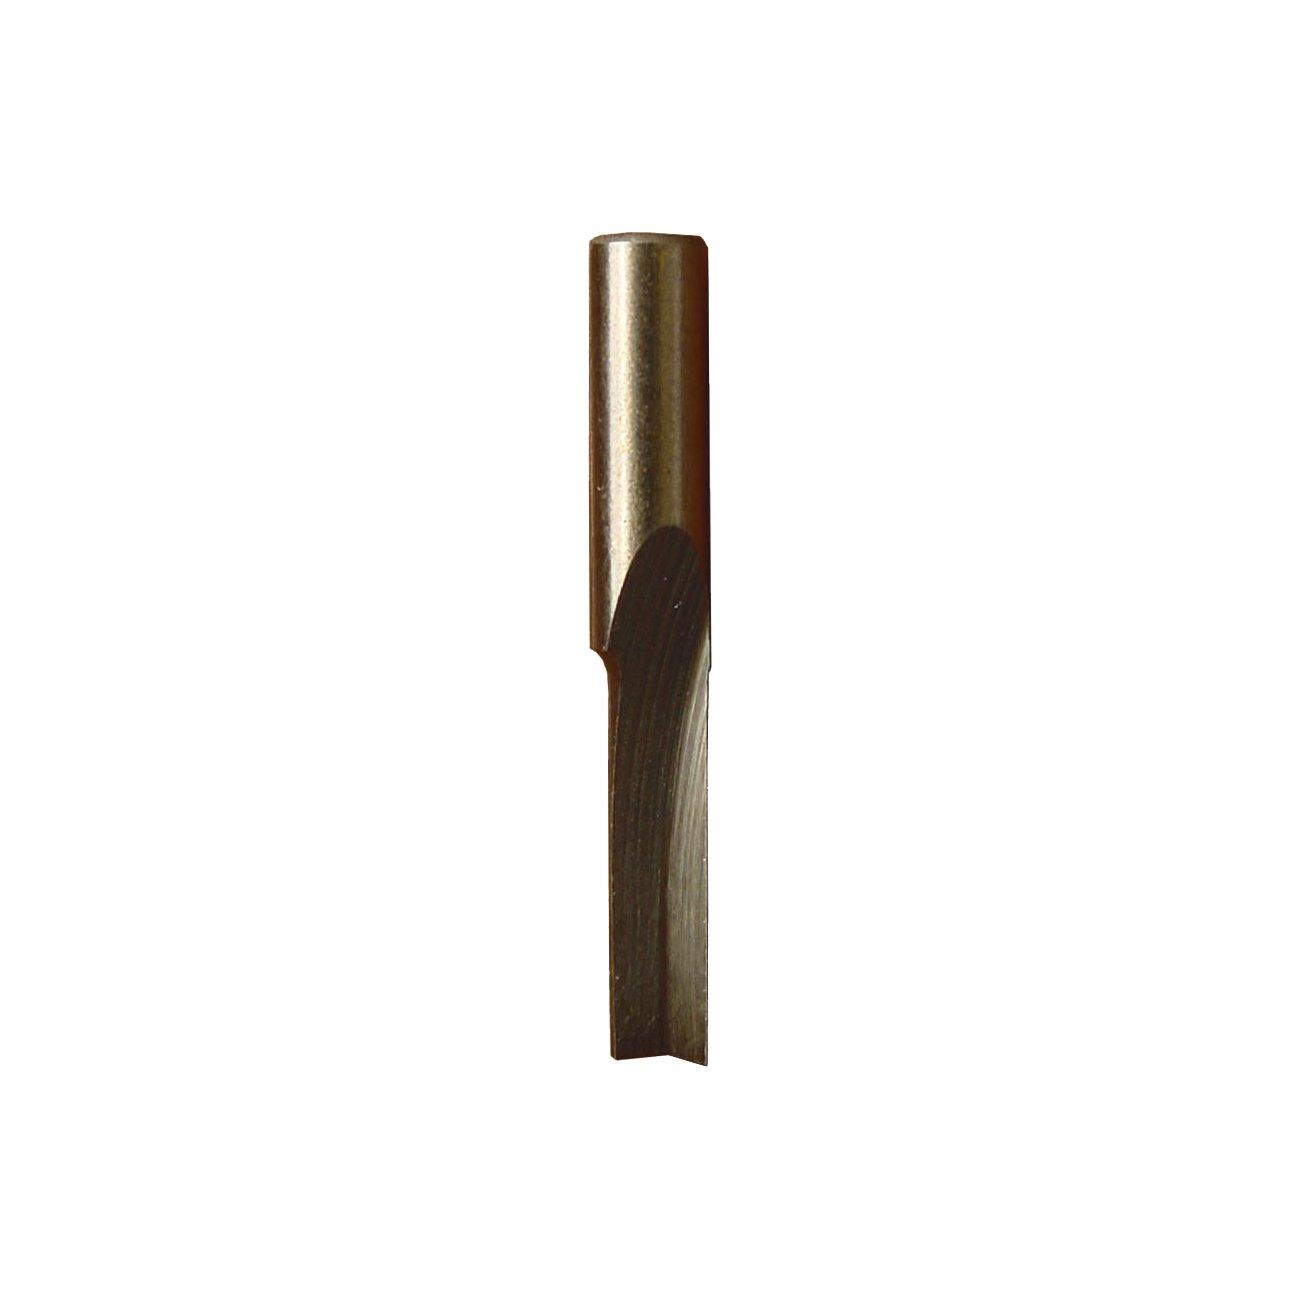 Minitool 4mm HSS Groove Milling Cutter, Silver Shesto Ltd MT320509